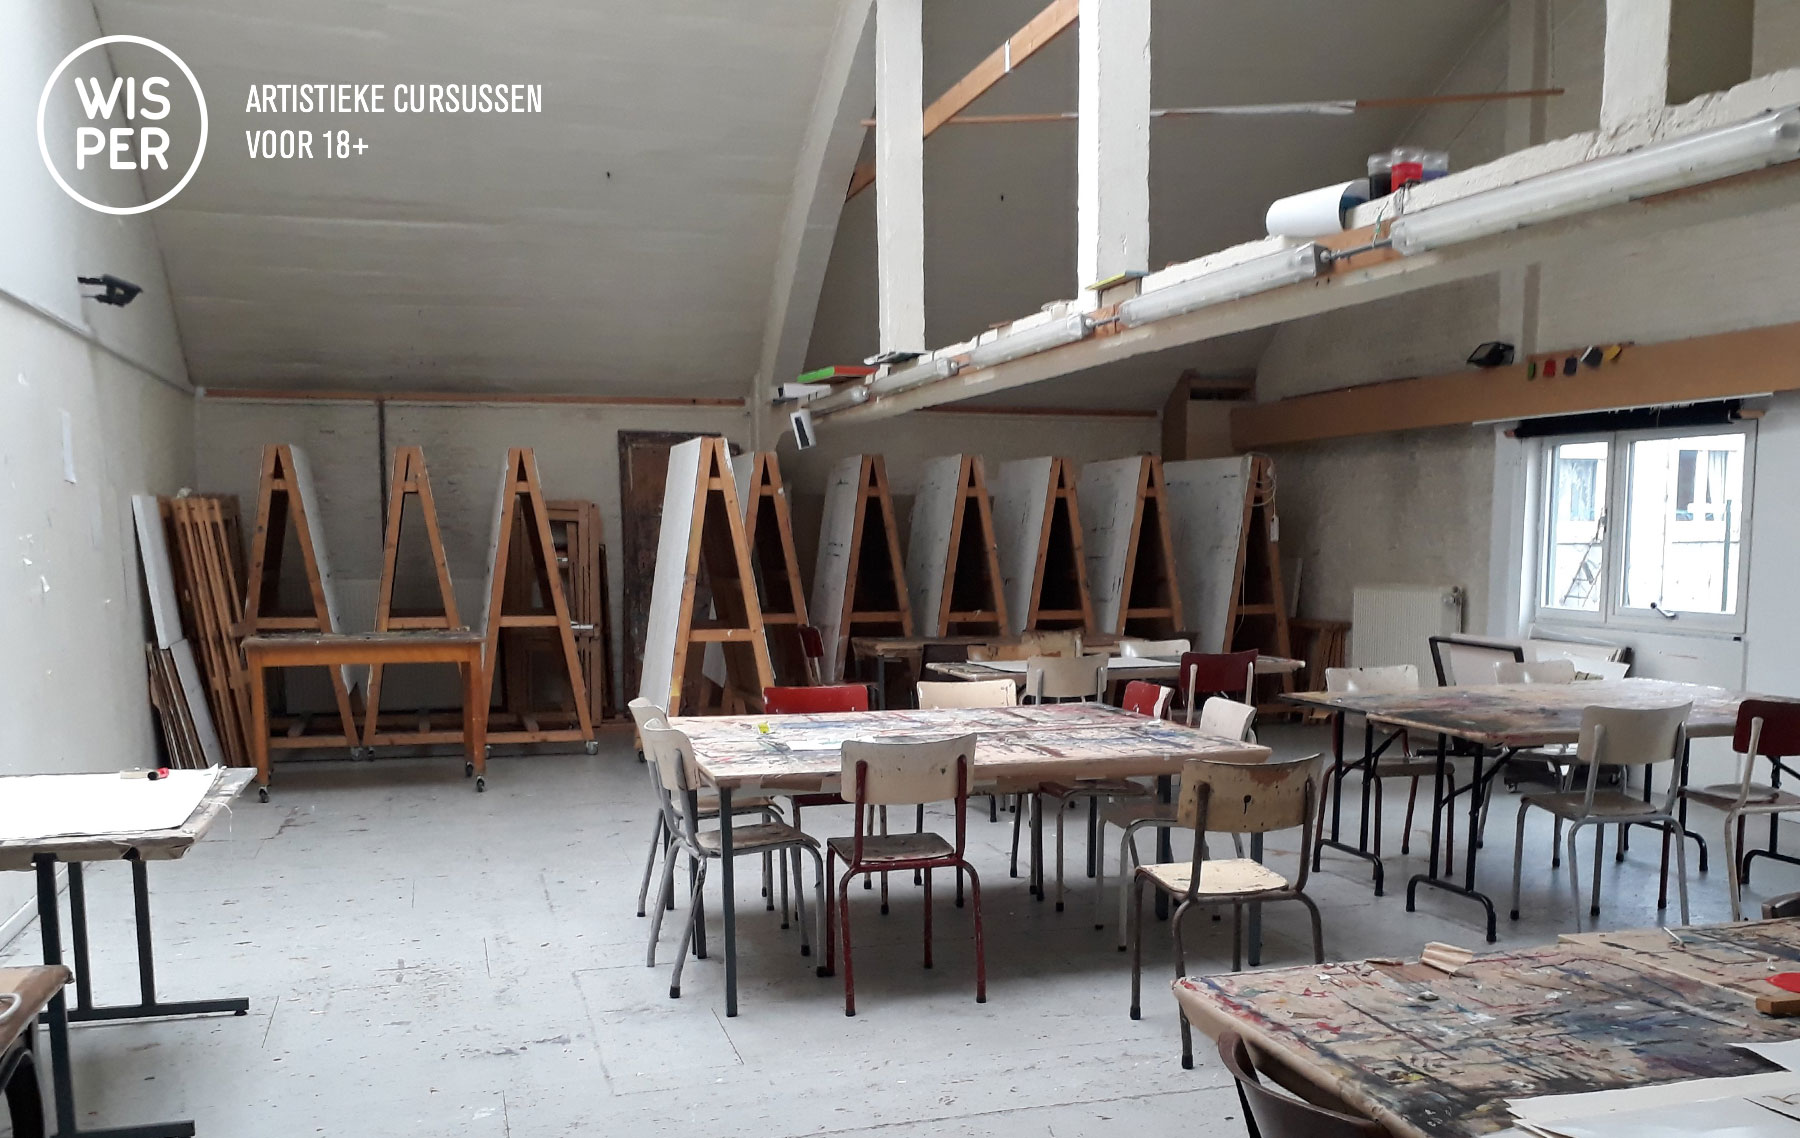 Atelier in Wisper Warande Gent